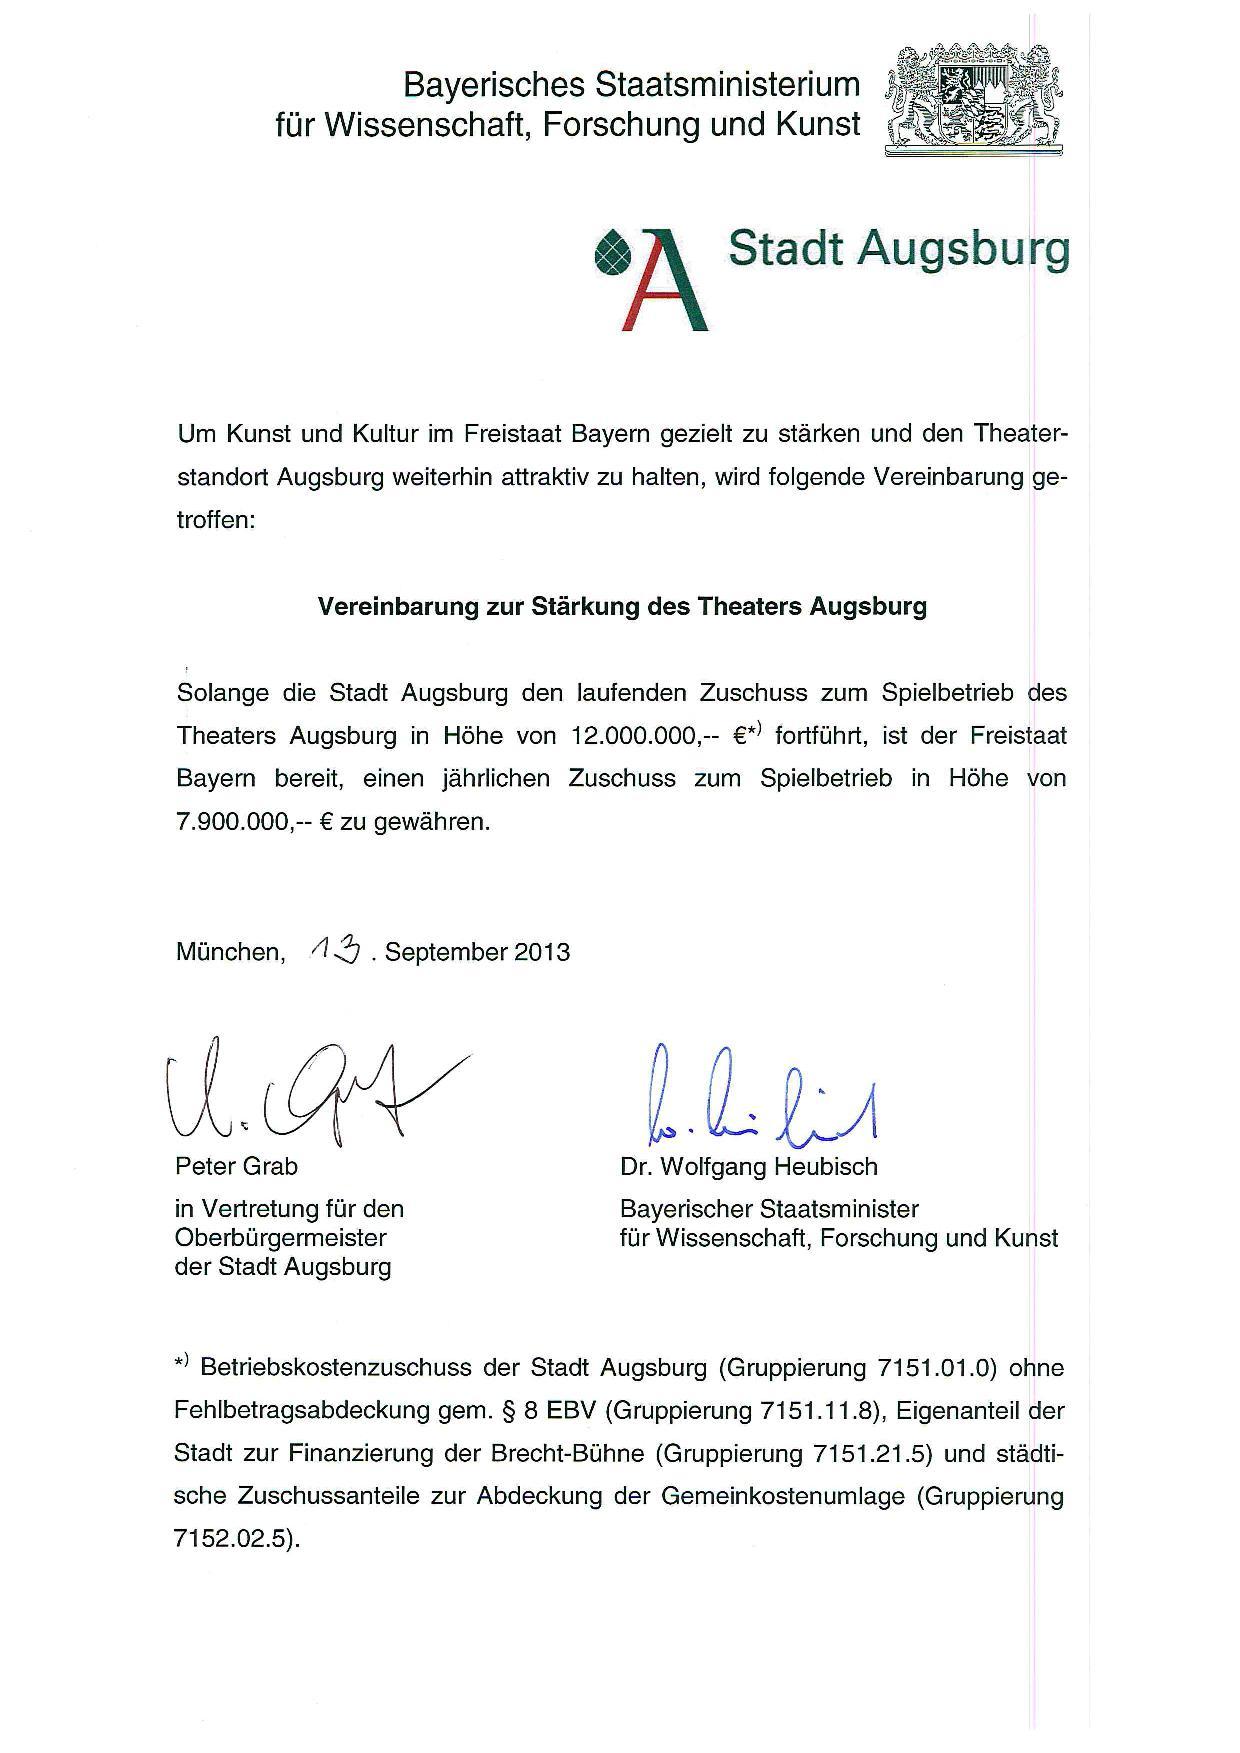 Vereinbarung zur Stärkung des Theaters Augsburg